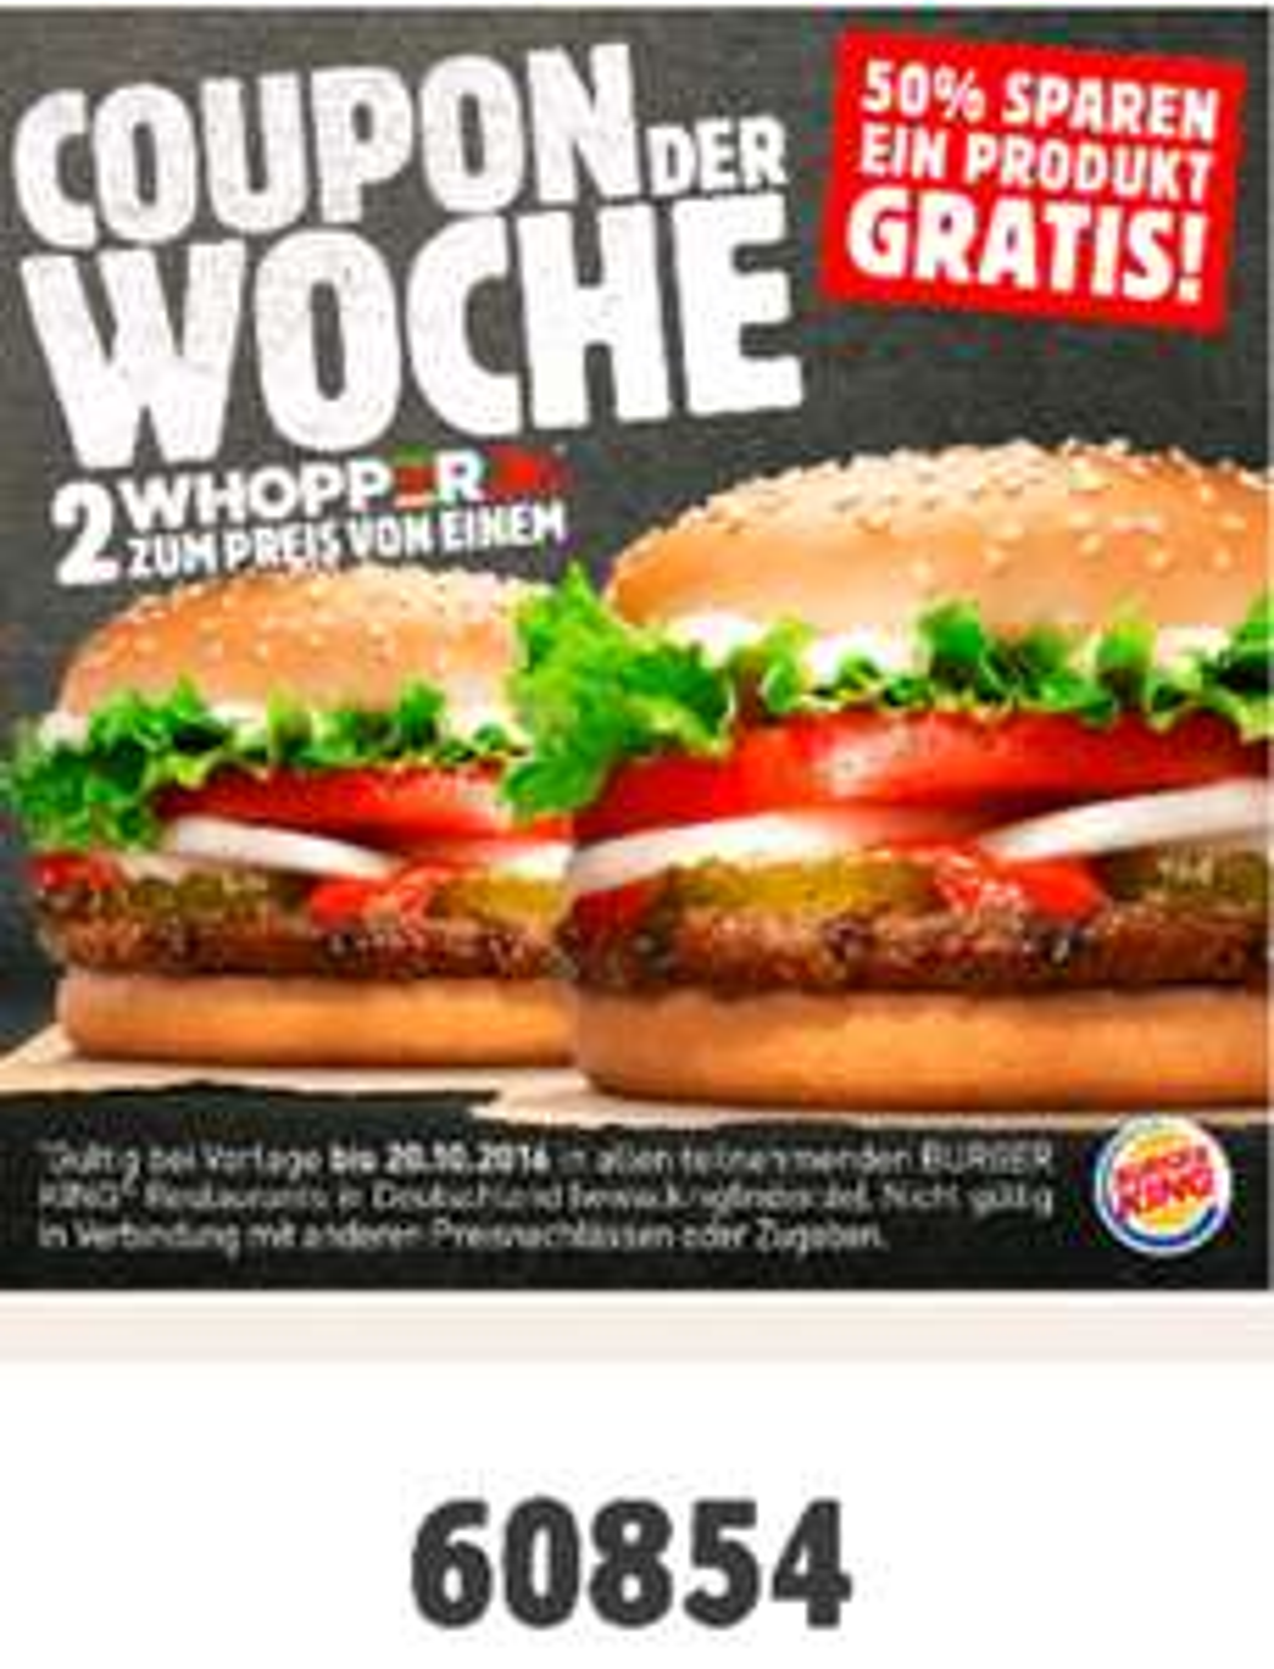 Burger King Zwei Whopper Jr. zum Preis von einem.